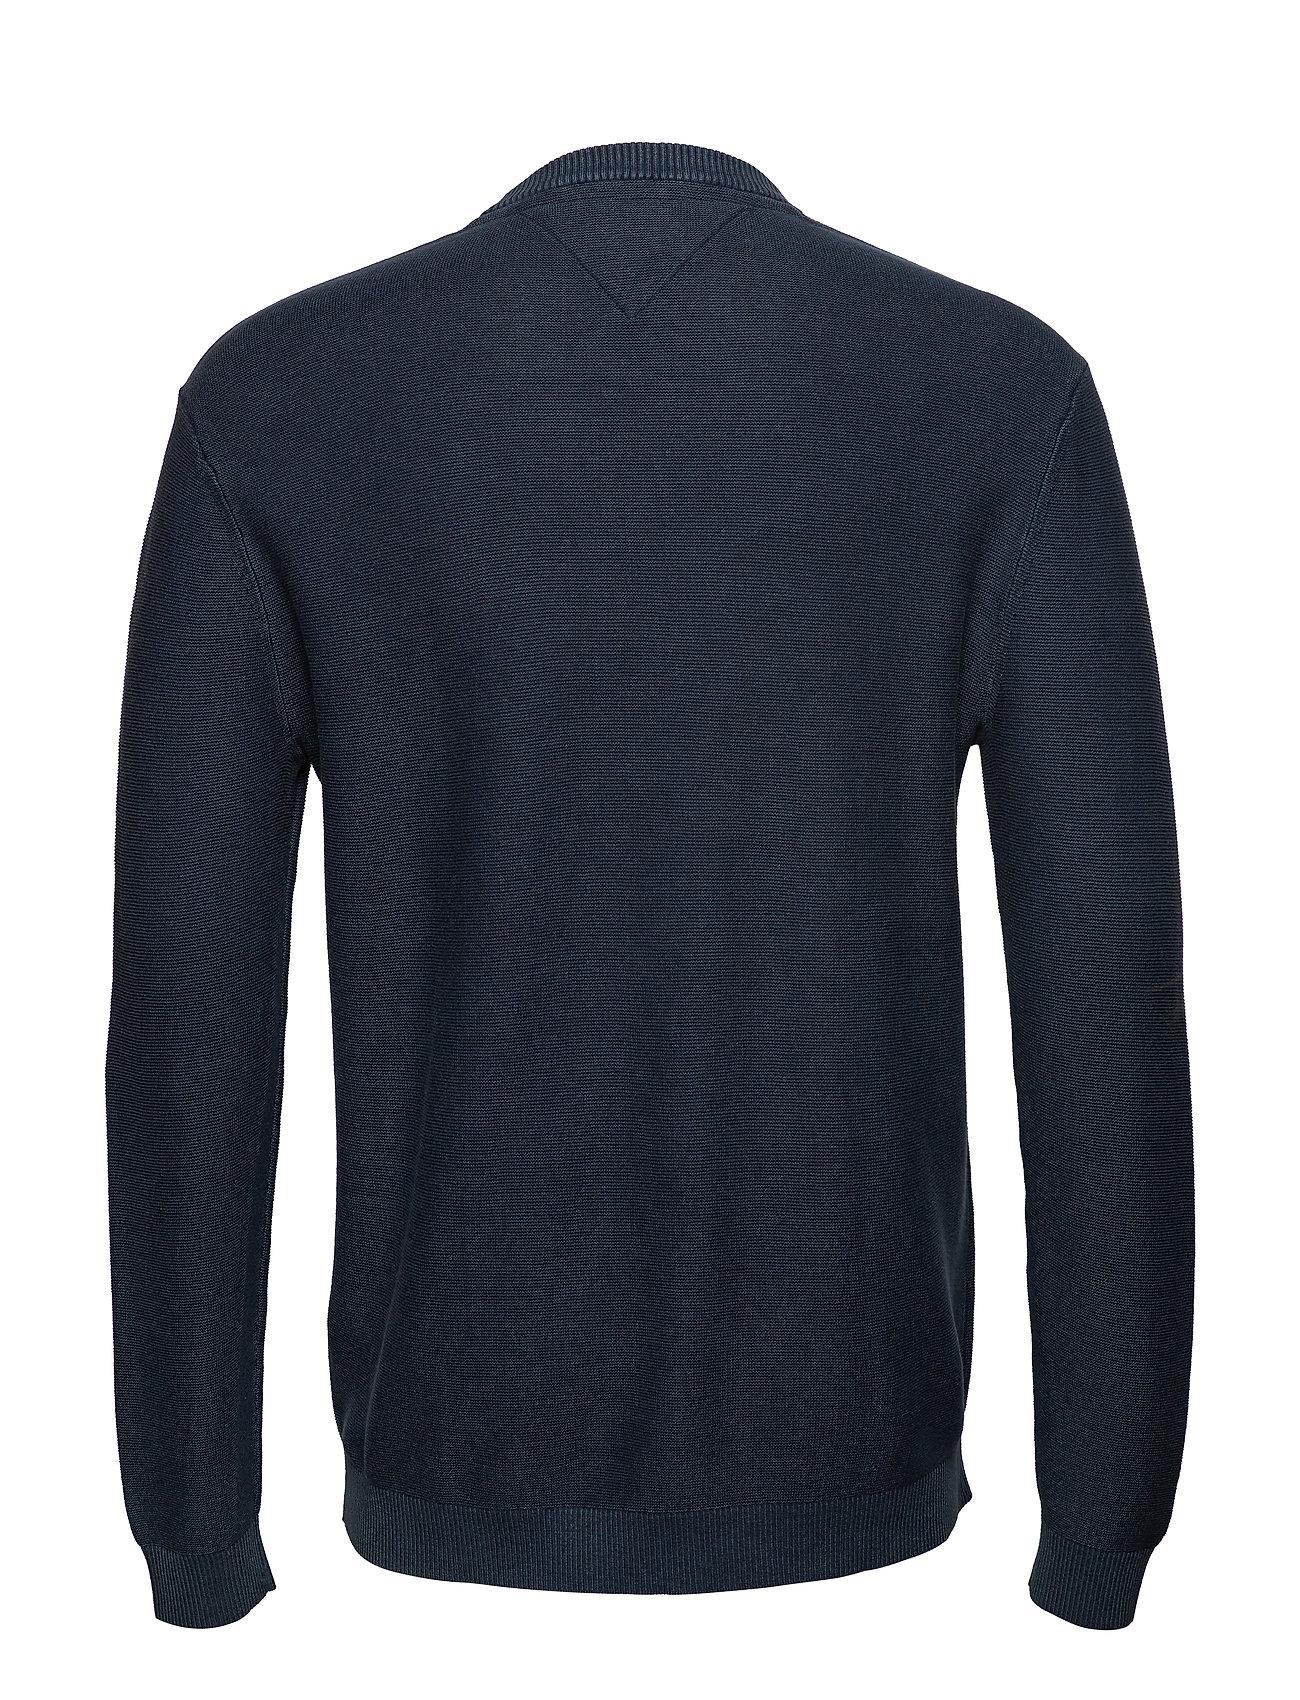 Washed Washed Tjm Jeans Sweaterblack IrisTommy Sweaterblack Tjm c3RLjq5A4